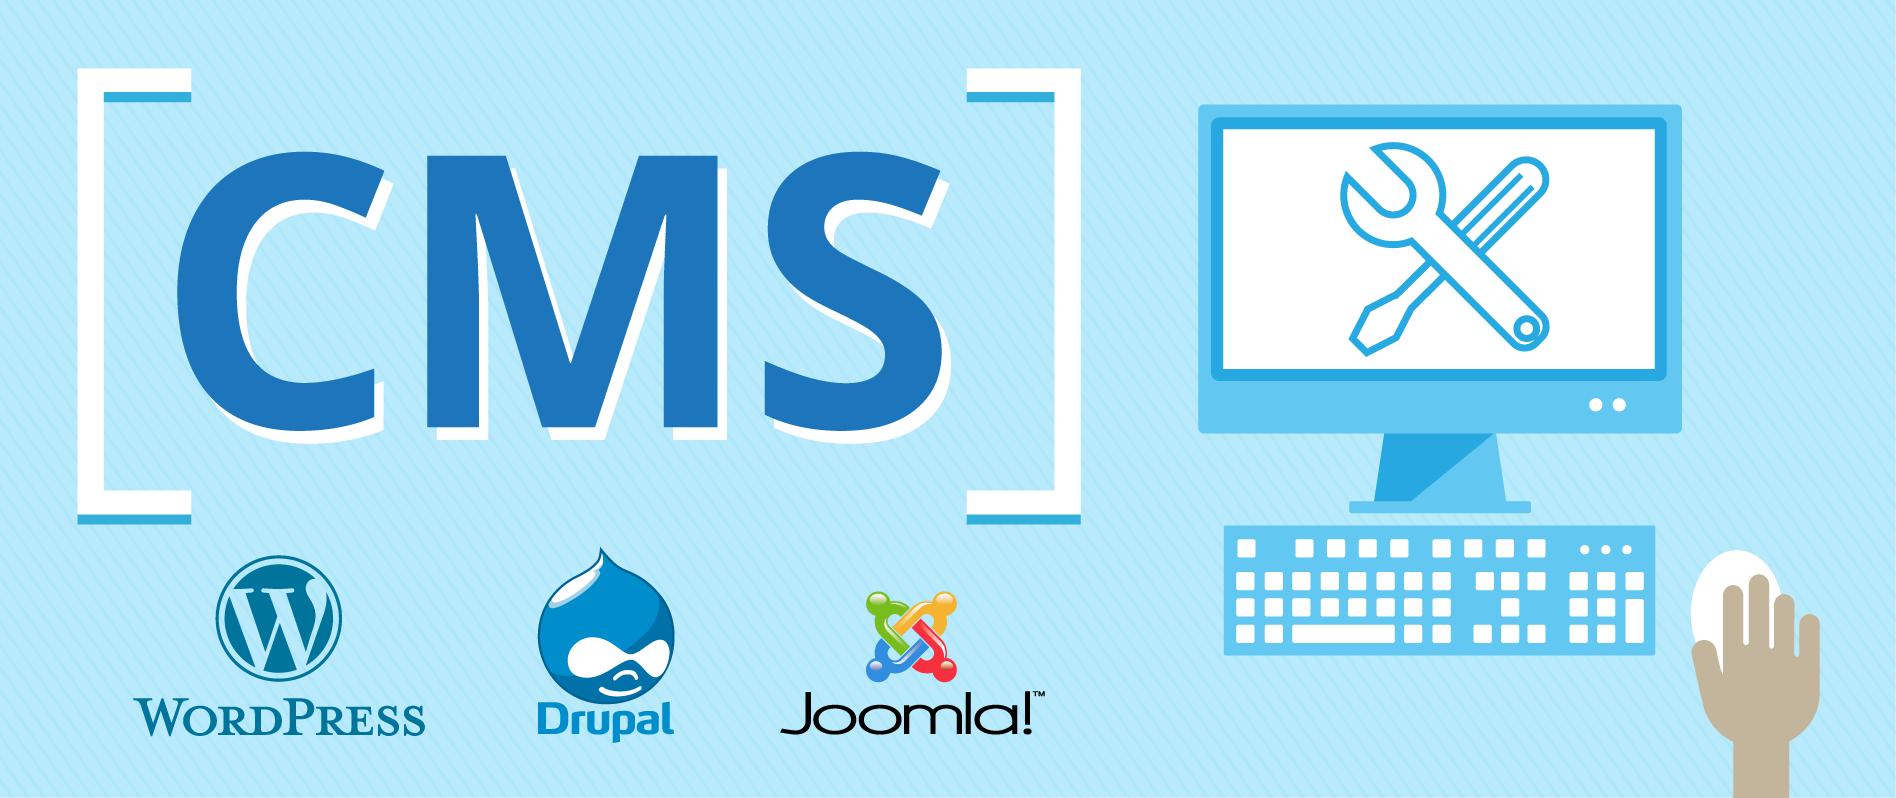 разработка создание сайта веб-студия dpmine, Что такое CMS ? Многие говорят о WordPress, но что это?, Разработка и создание сайтов в Днепре